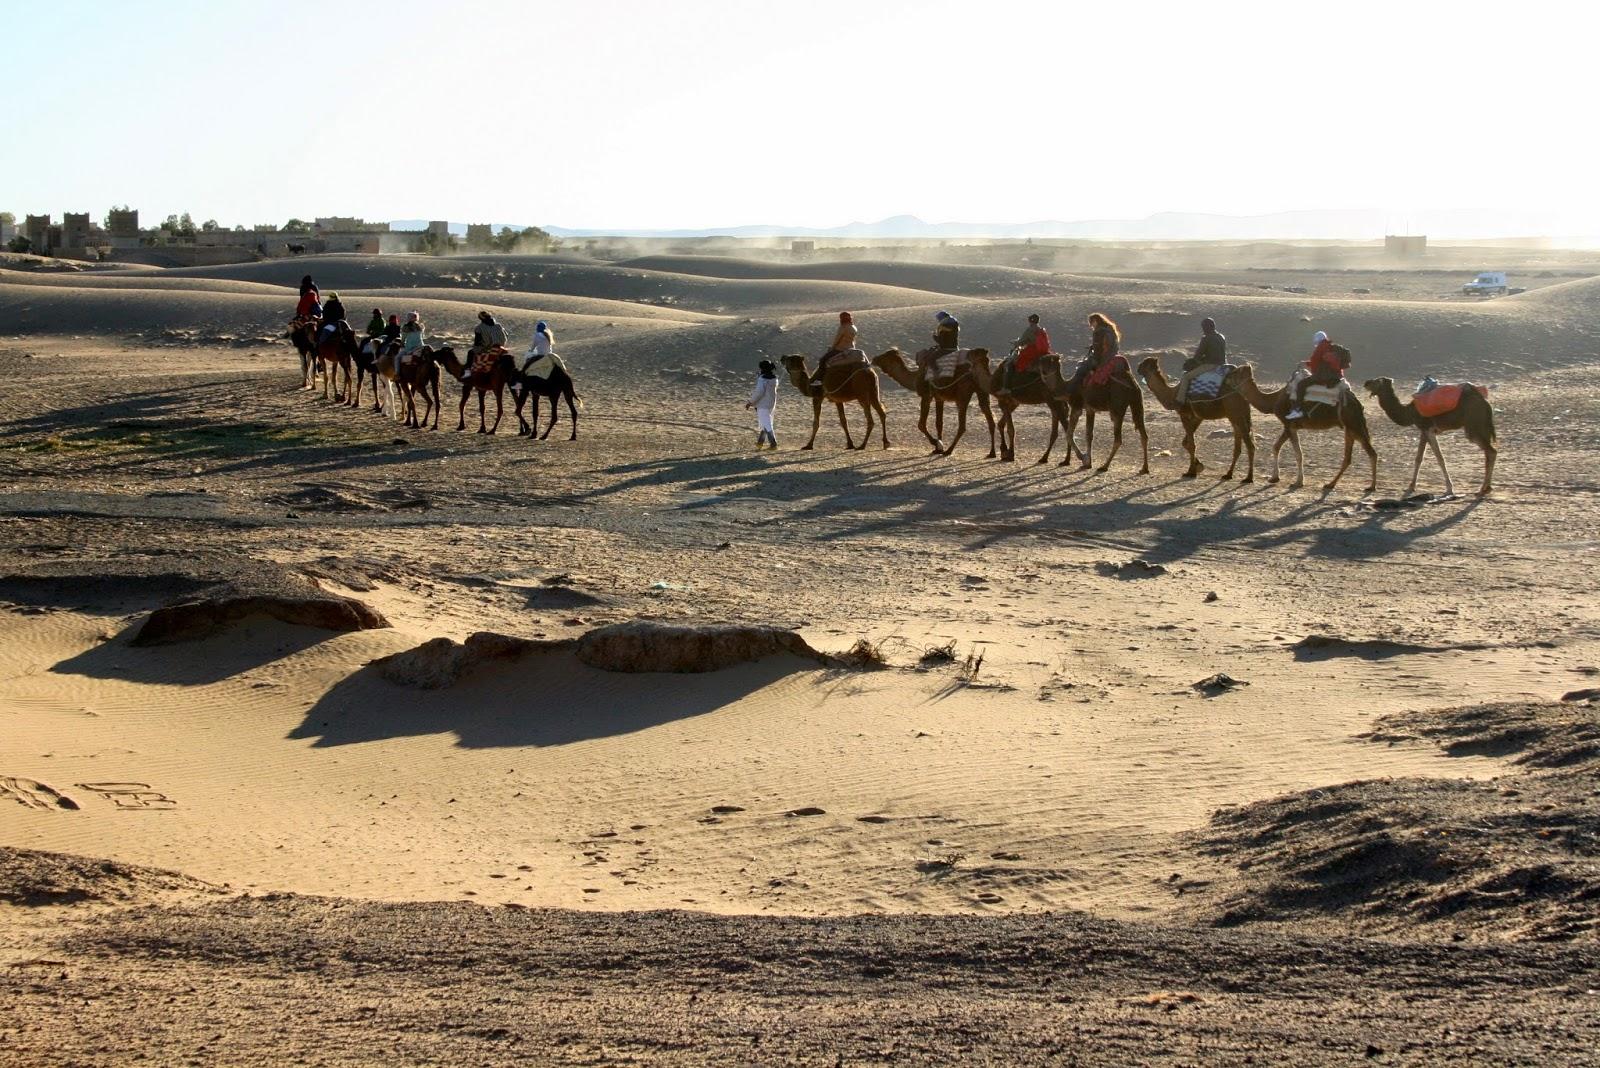 Vviajes a marruecos, alojamiento rural, felicidad, desierto, lunasurmarruecos